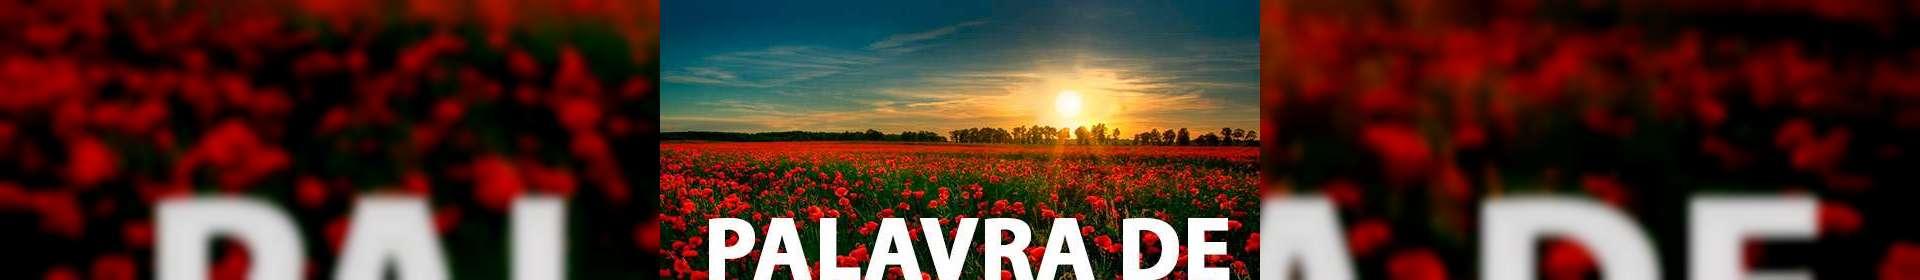 Salmos 51:11 - Uma Palavra de Esperança para sua vida